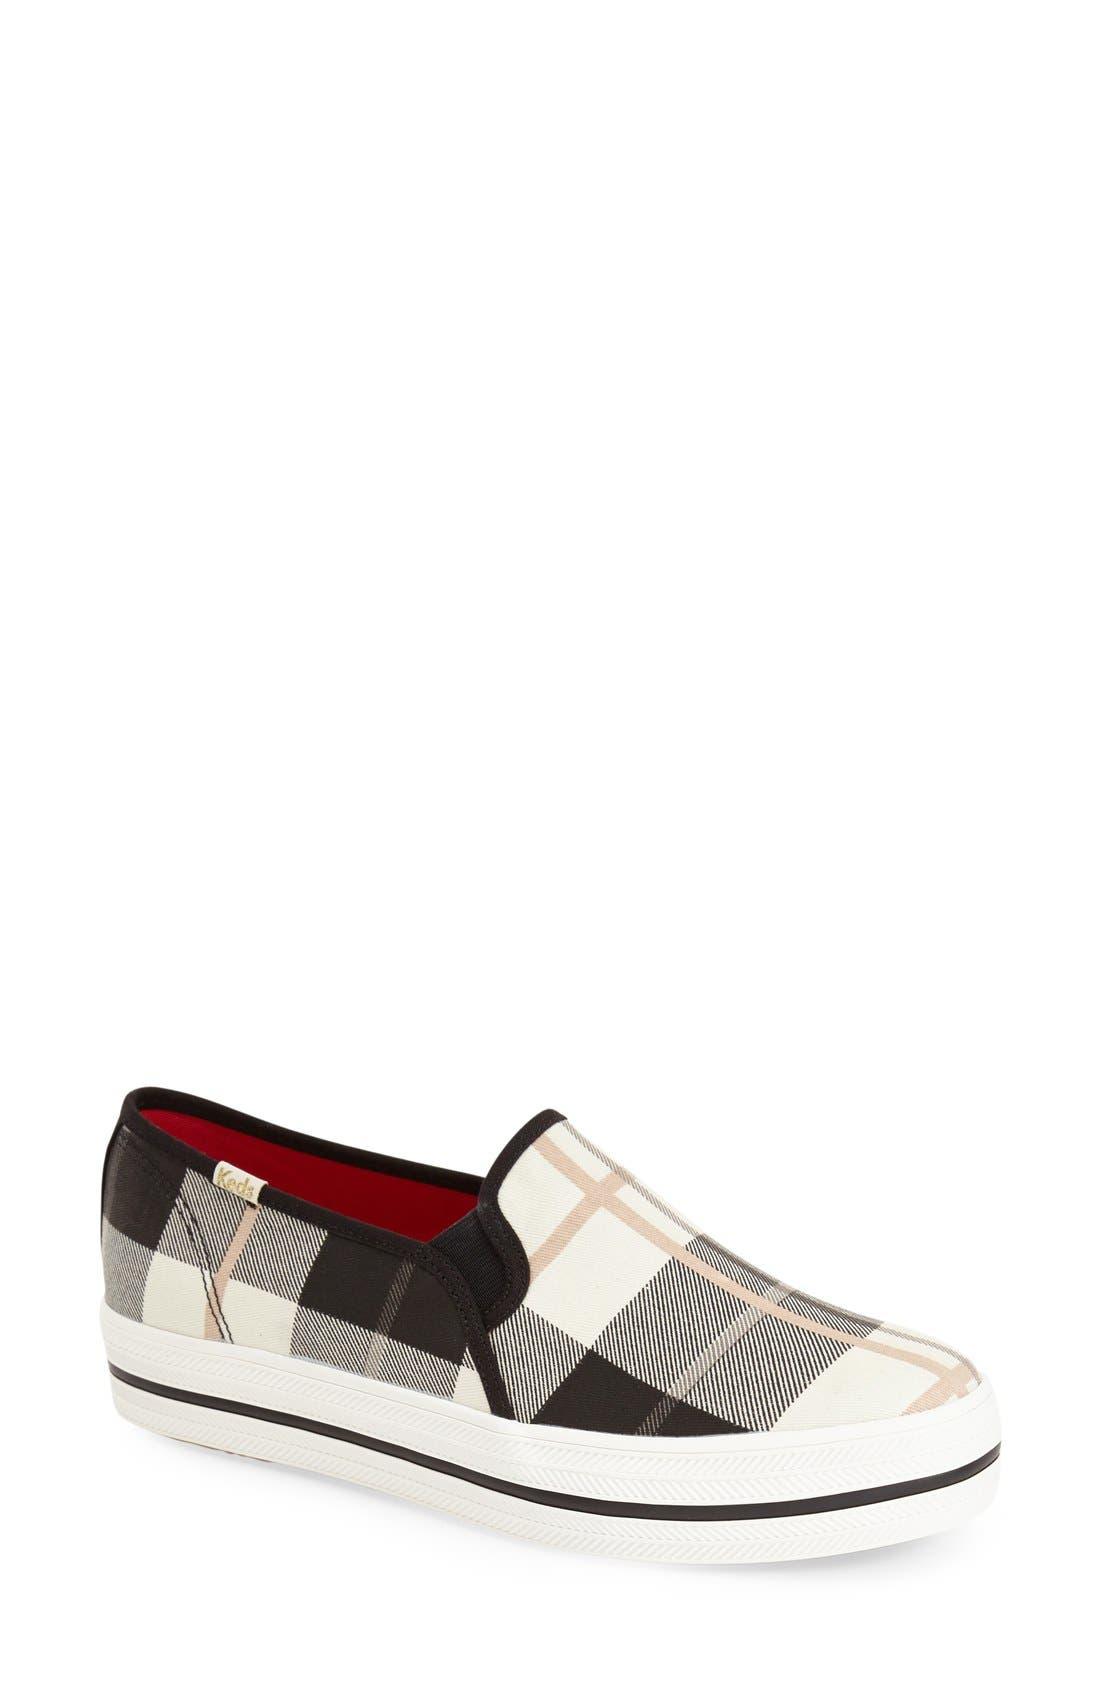 Main Image - Keds® for kate spade new york 'decker' slip-on sneaker (Women)